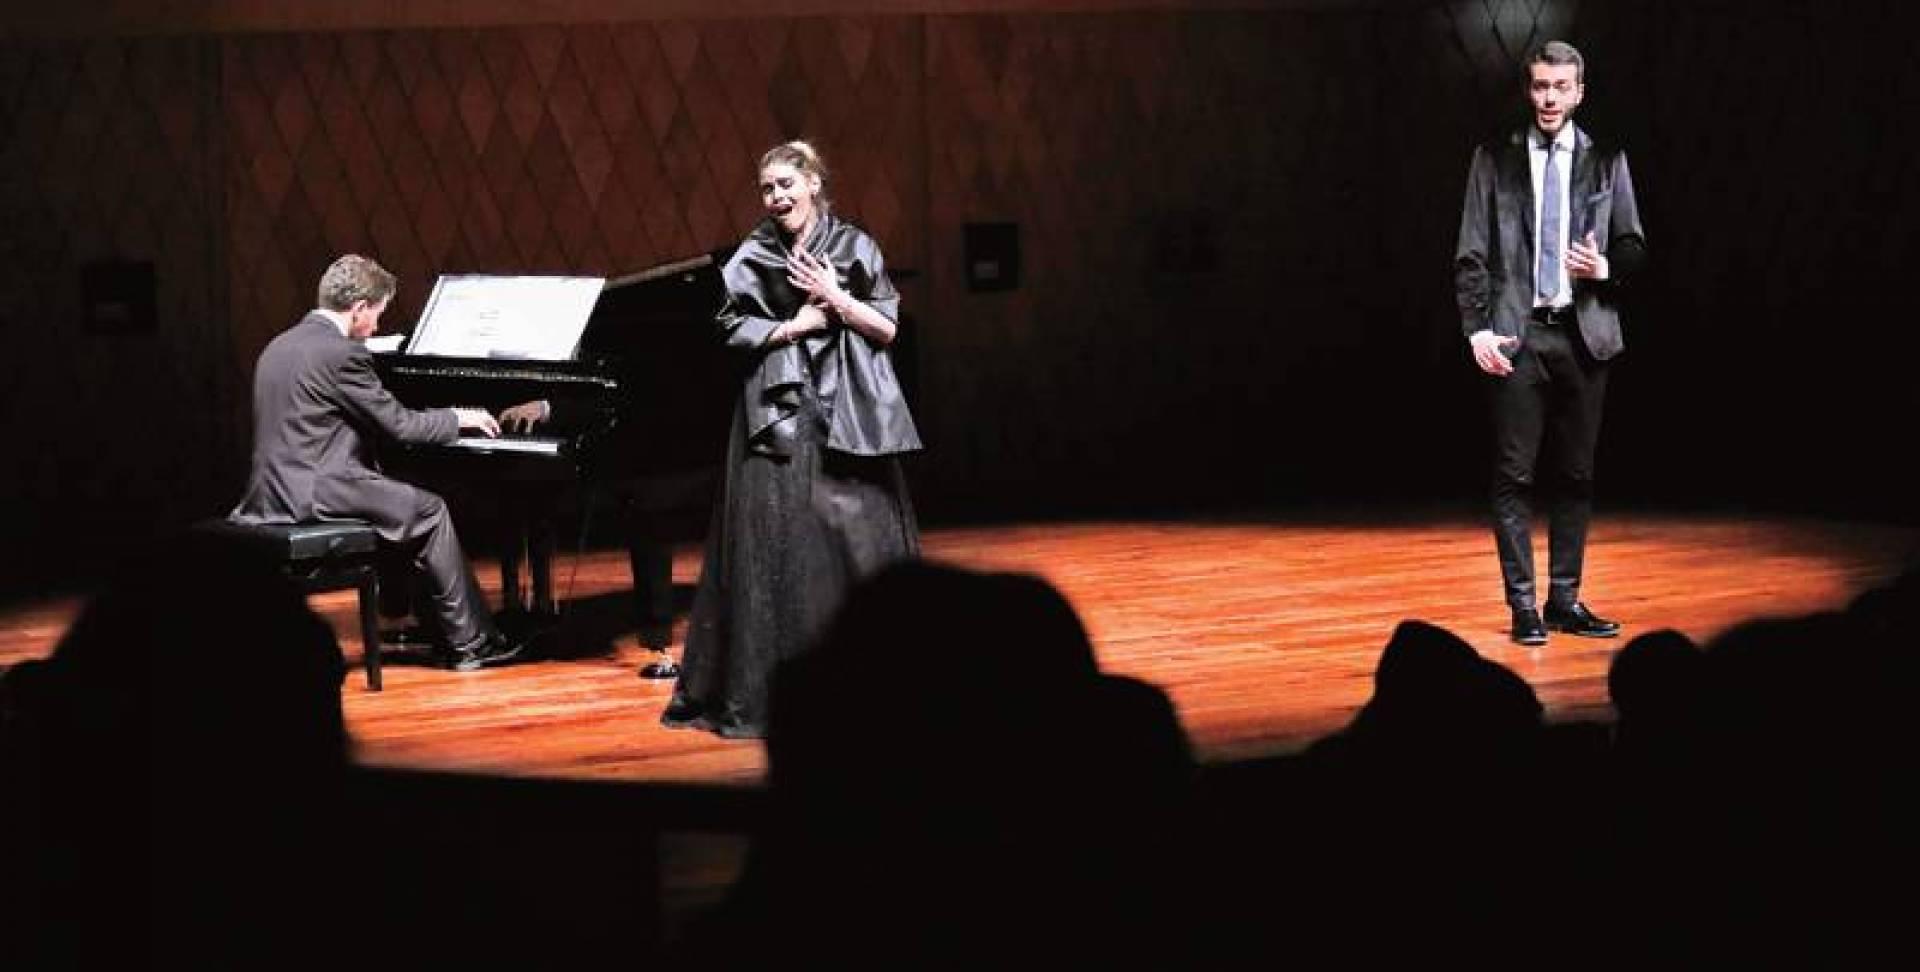 المغنية آنا روبيرتا سوربو مقدِّمةً وصلة من الأوبرا العالمية